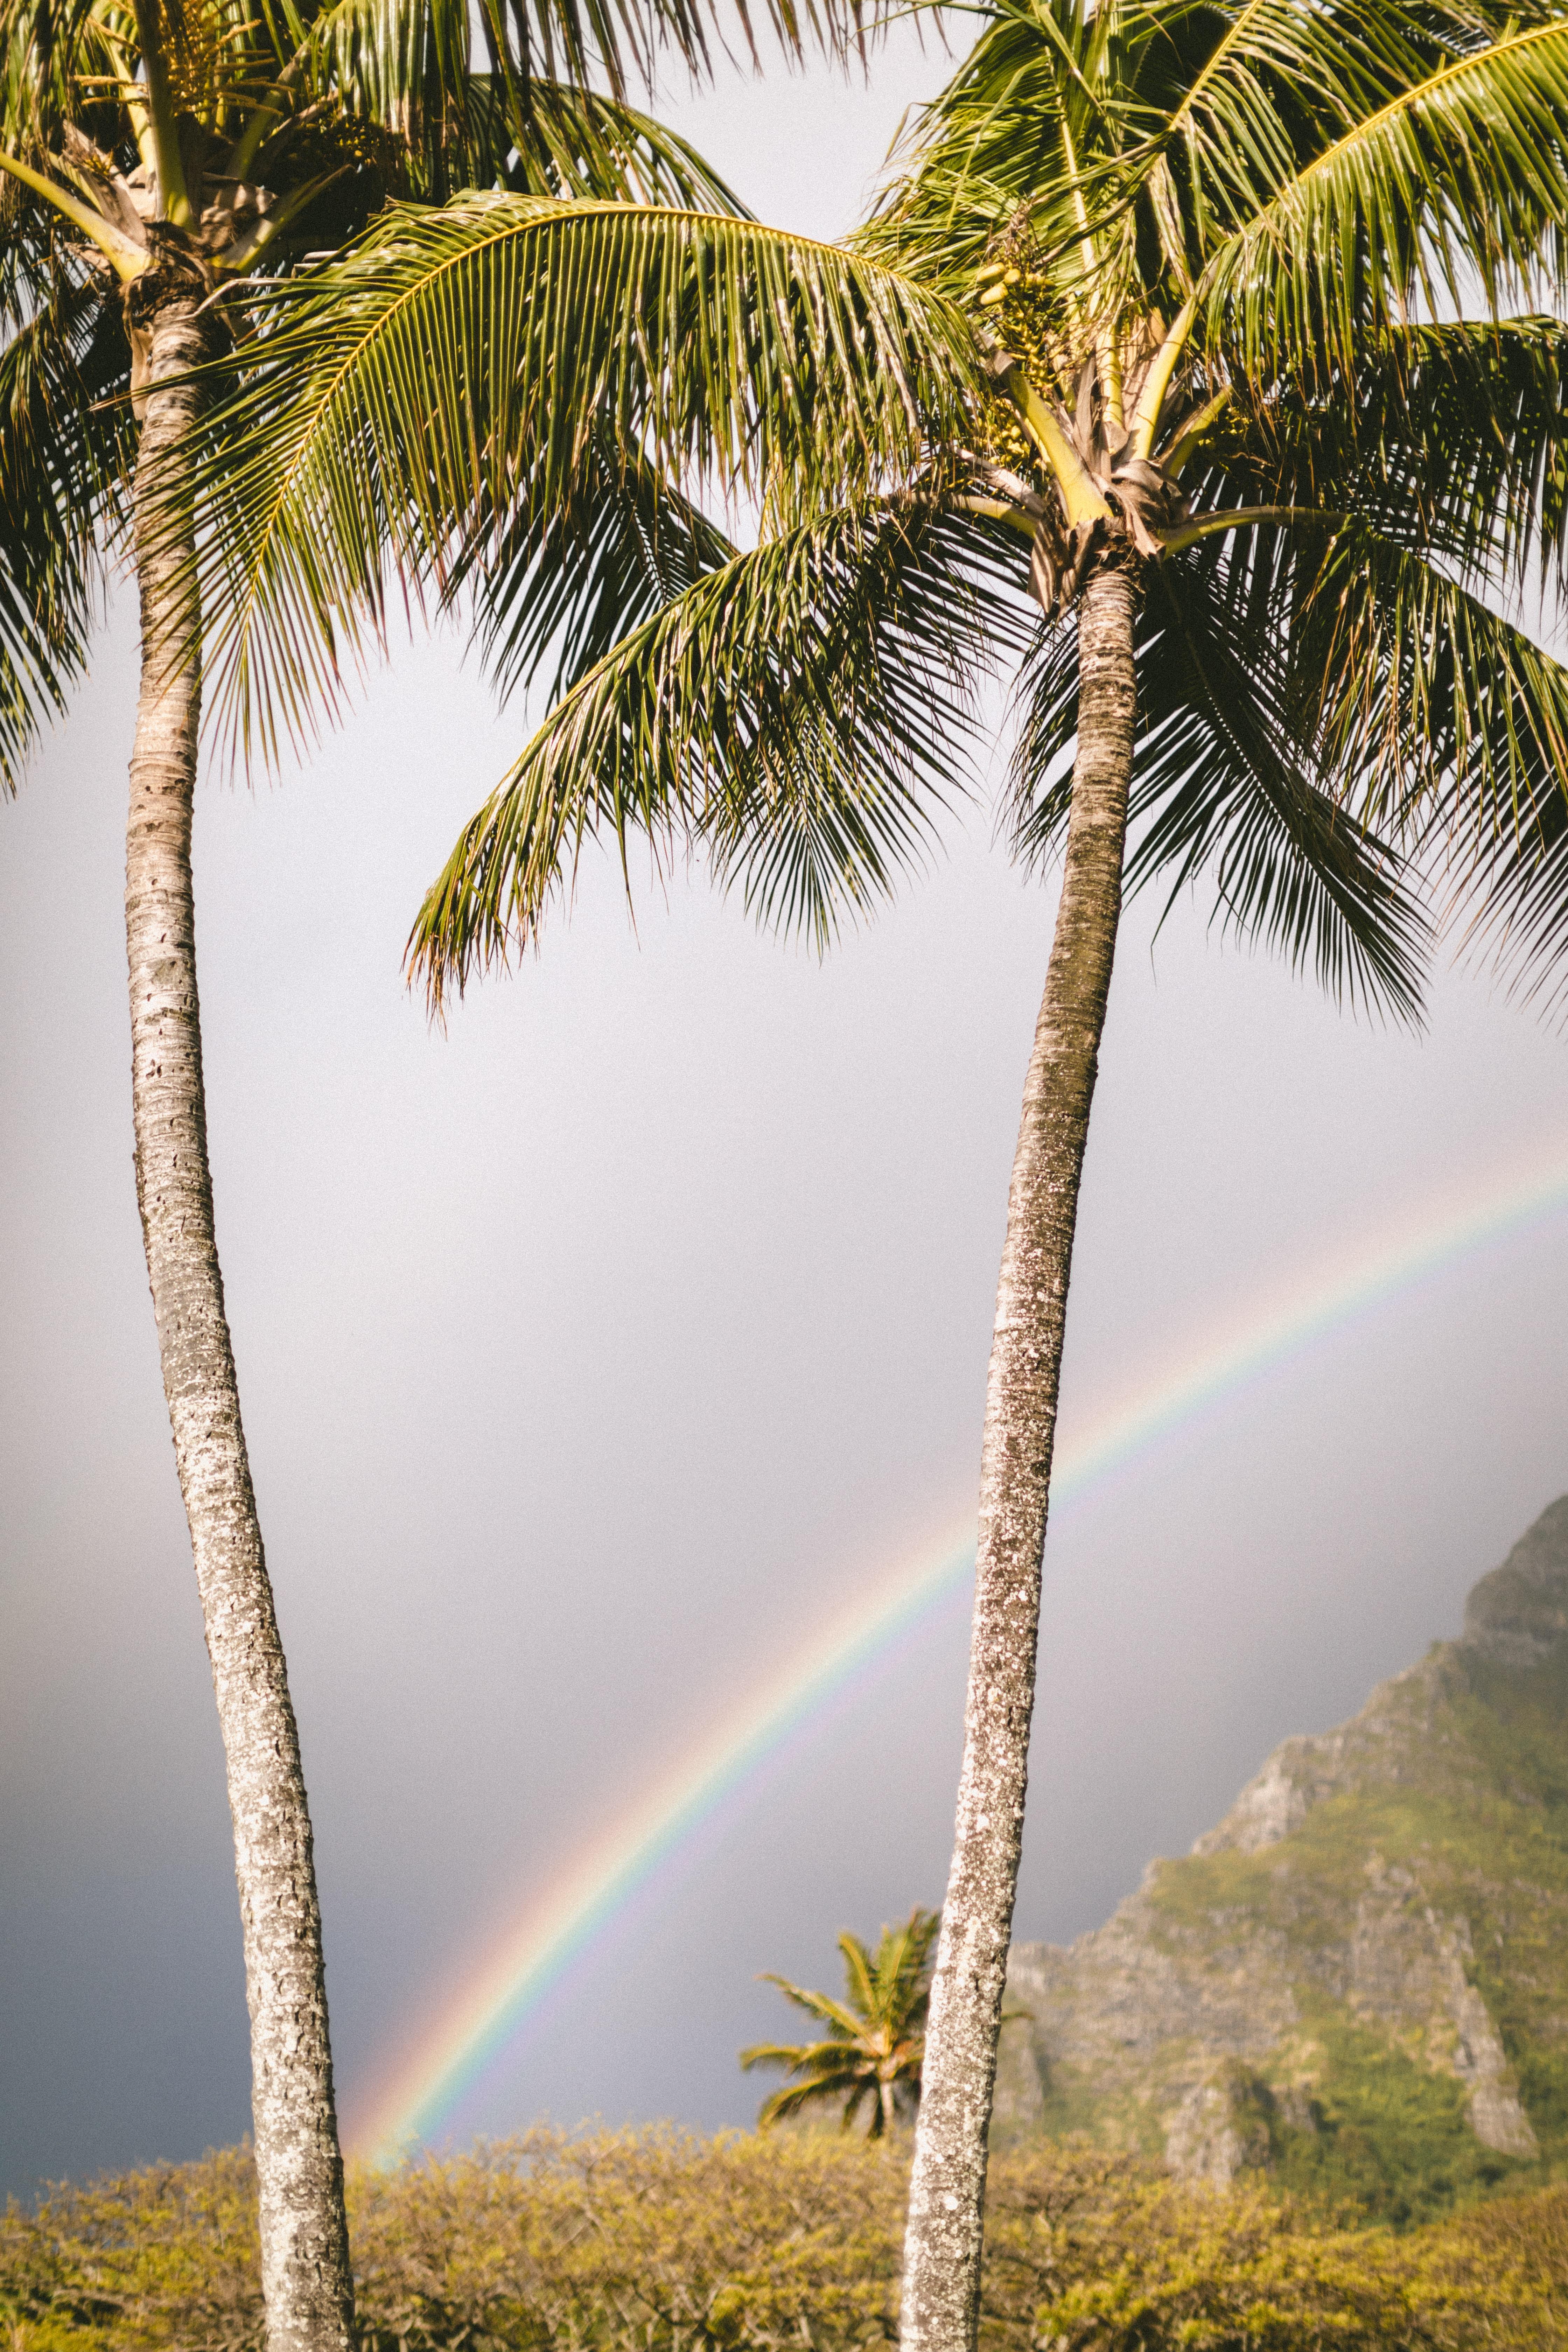 151089 免費下載壁紙 彩虹, 性质, 夏天, 棕榈 屏保和圖片